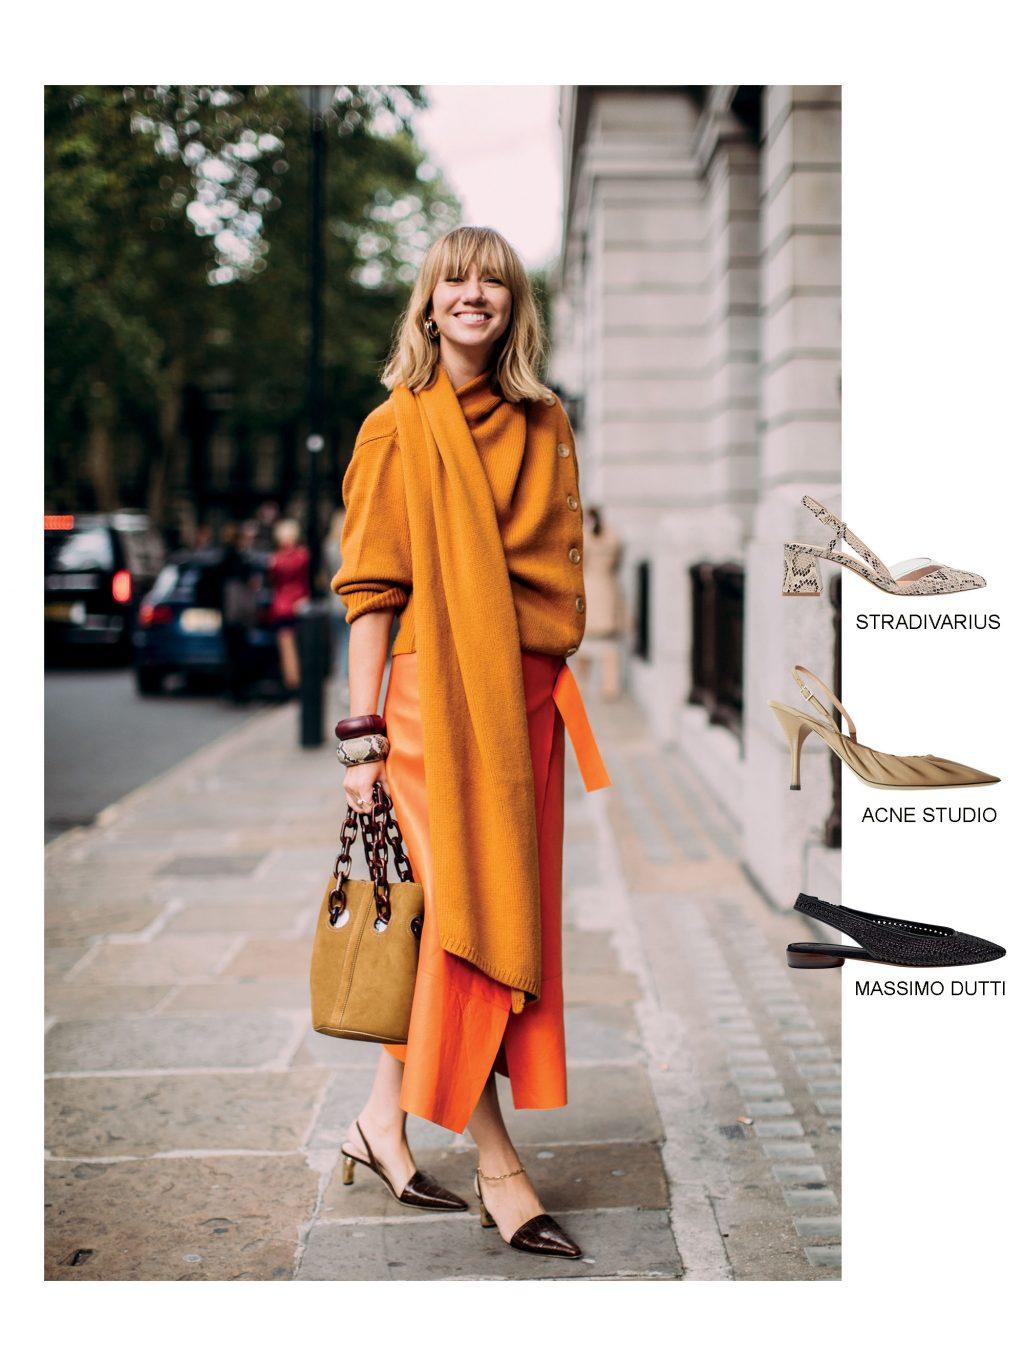 Chọn kiểu giày nào để tự tin xuống phố những ngày giao mùa? - Hình 1